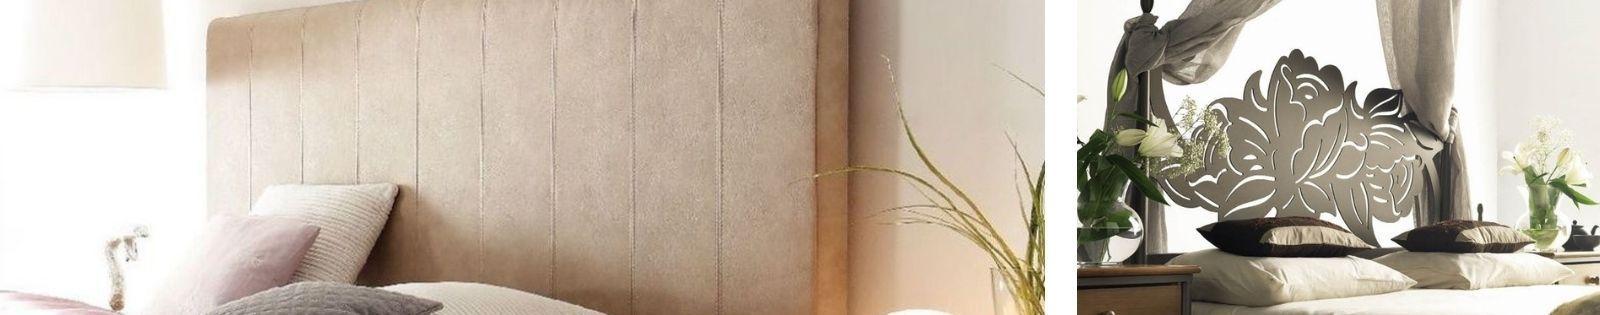 Tête de lit haut de gamme en bois massif, bambou, rotin, fer forgé - Le Monde du Lit